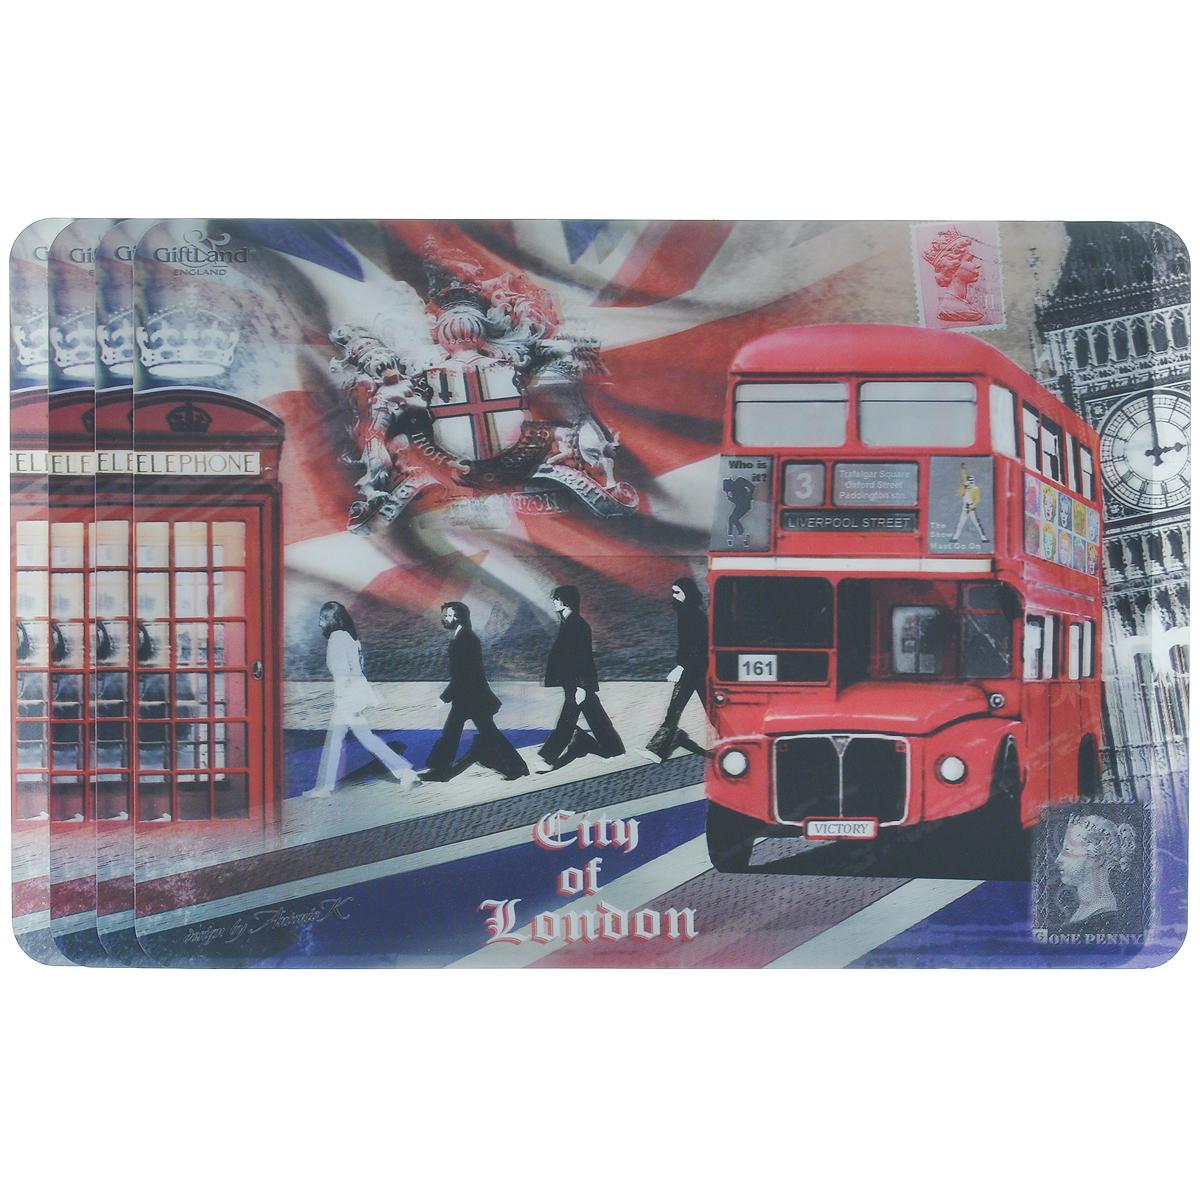 Набор сервировочных салфеток 3D GiftLand Лондонские фантазии, 34,5 х 24,5 см, 4 шт3D-09 LondonНабор GiftLand Лондонские фантазии, изготовленный из полипропилена, состоит из четырех сервировочных салфеток с эффектом 3D. Такие салфетки - это отличная идея для сервировки! Салфетки декорированы ярким объемным изображением лондонской улицы. Изделия защищают поверхность стола от воздействия температур, влаги и загрязнений, а также украшают интерьер. Могут использоваться для детского творчества (рисования, лепки из пластилина) в качестве защитного покрытия, подставки под вазы, кухонные приборы. Размер салфетки: 34,5 см х 24,5 см.